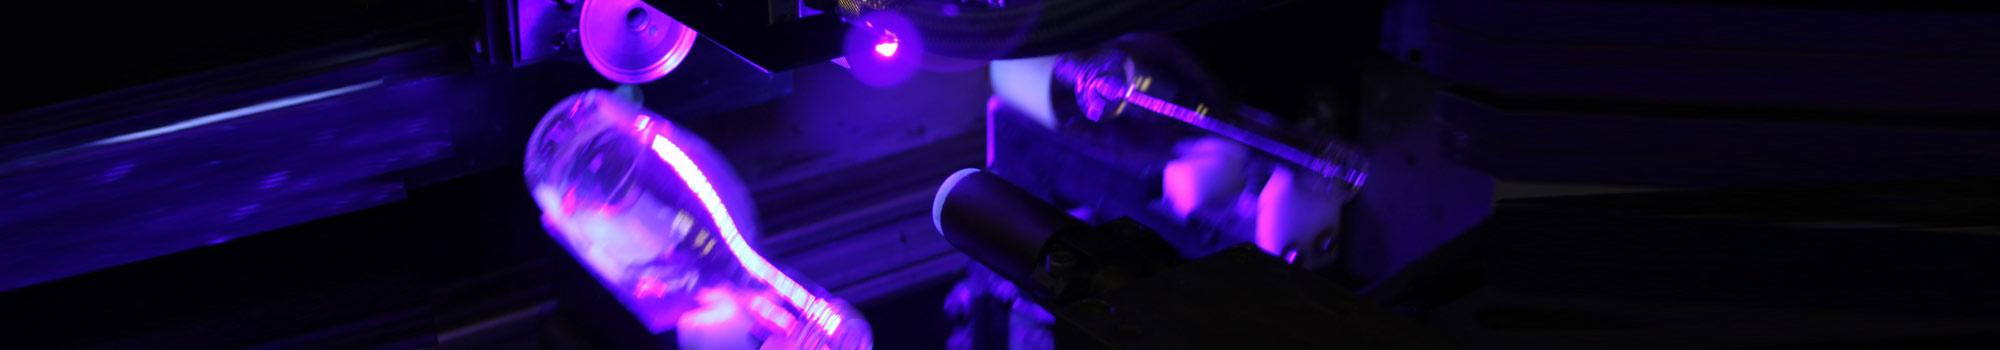 TECHNOLOGIE LED UV